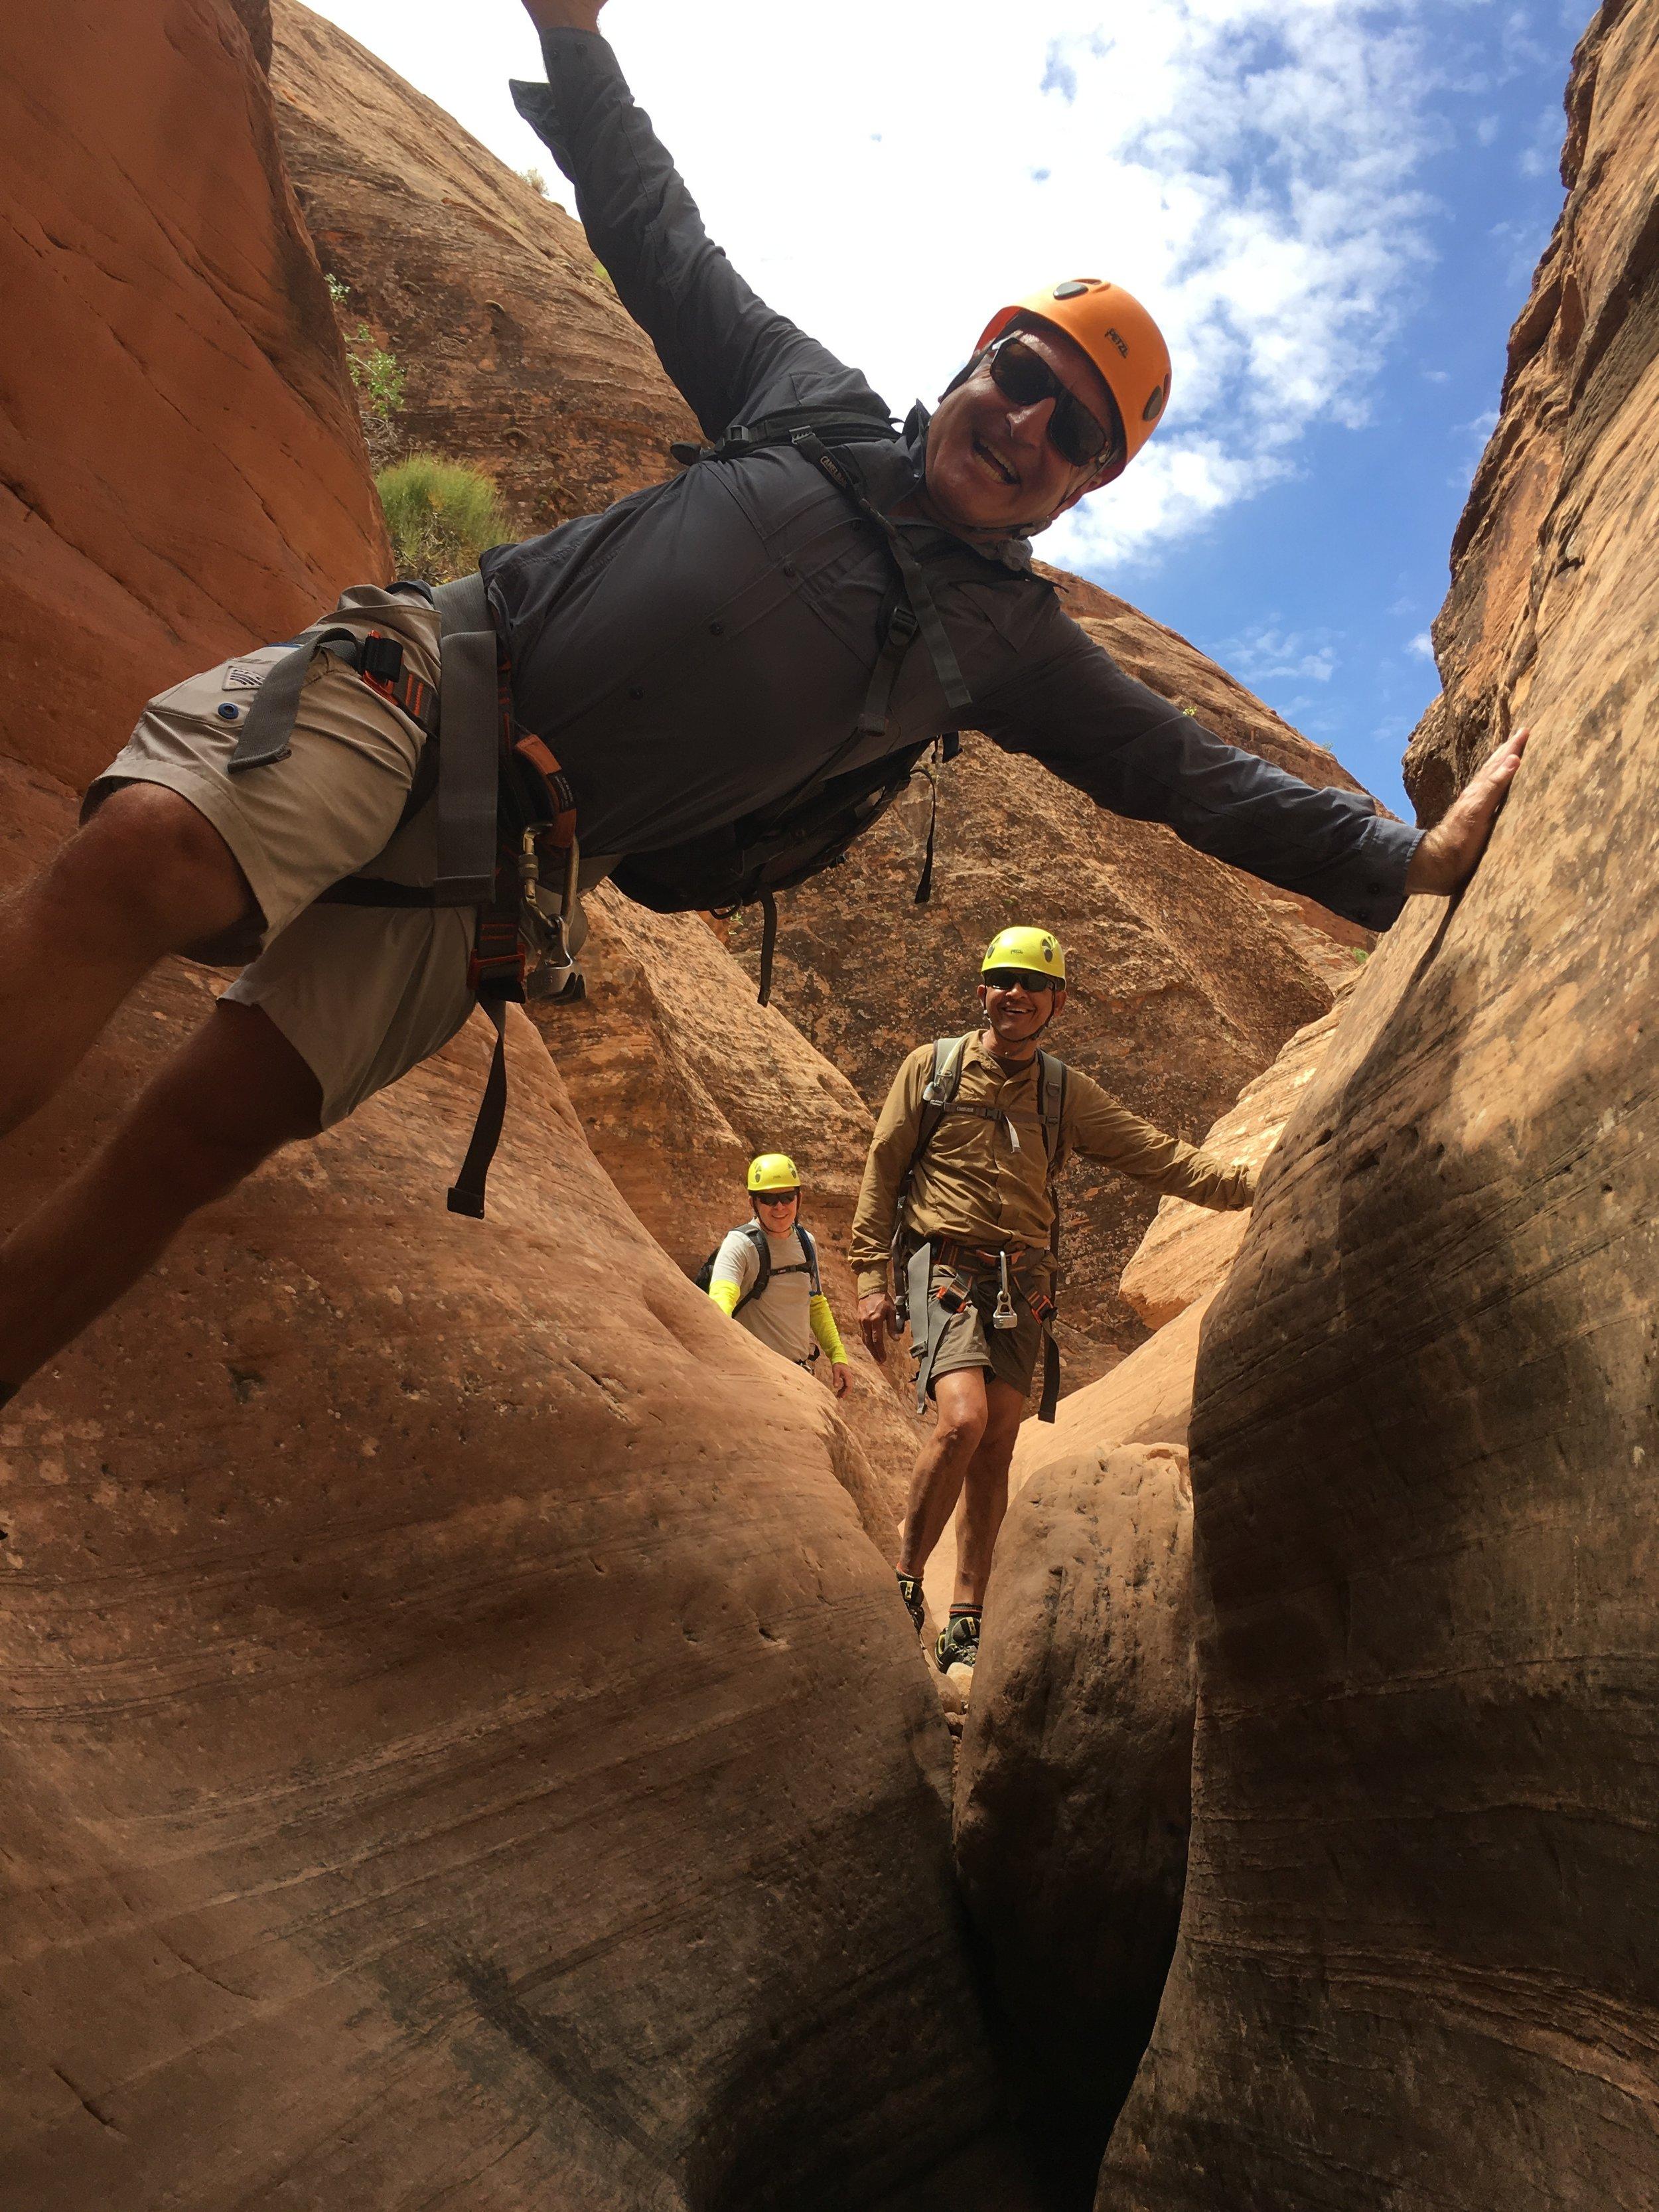 Windgate_Adventures_Moab_Utah_Canyoneering